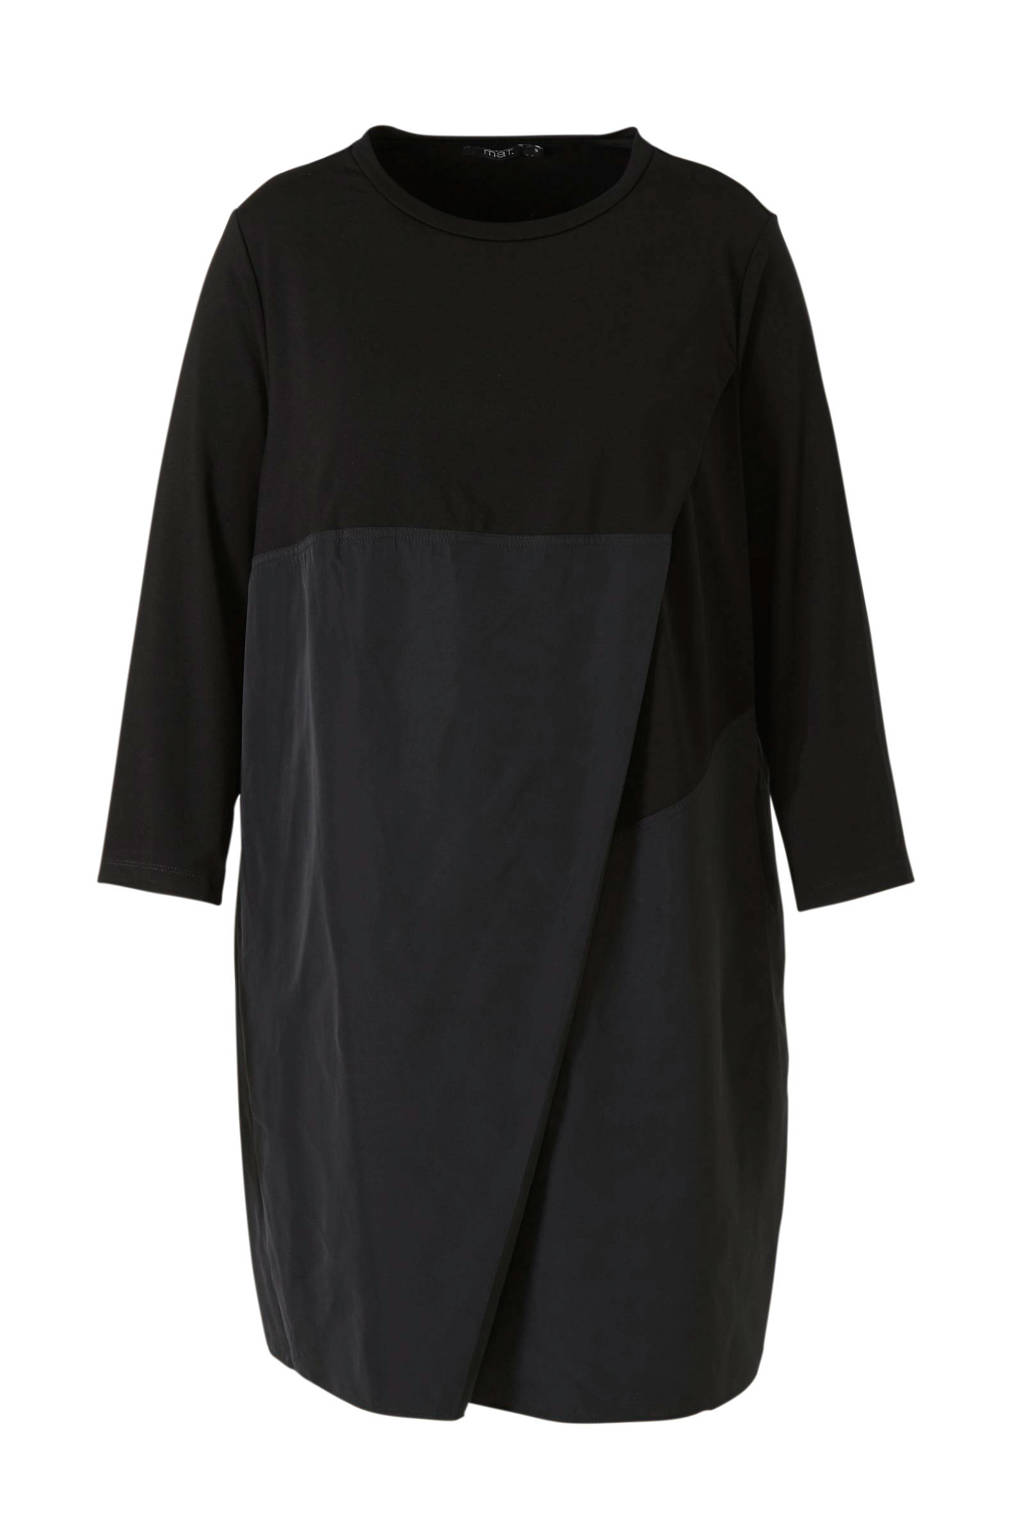 Mat Fashion jurk zwart, Zwart